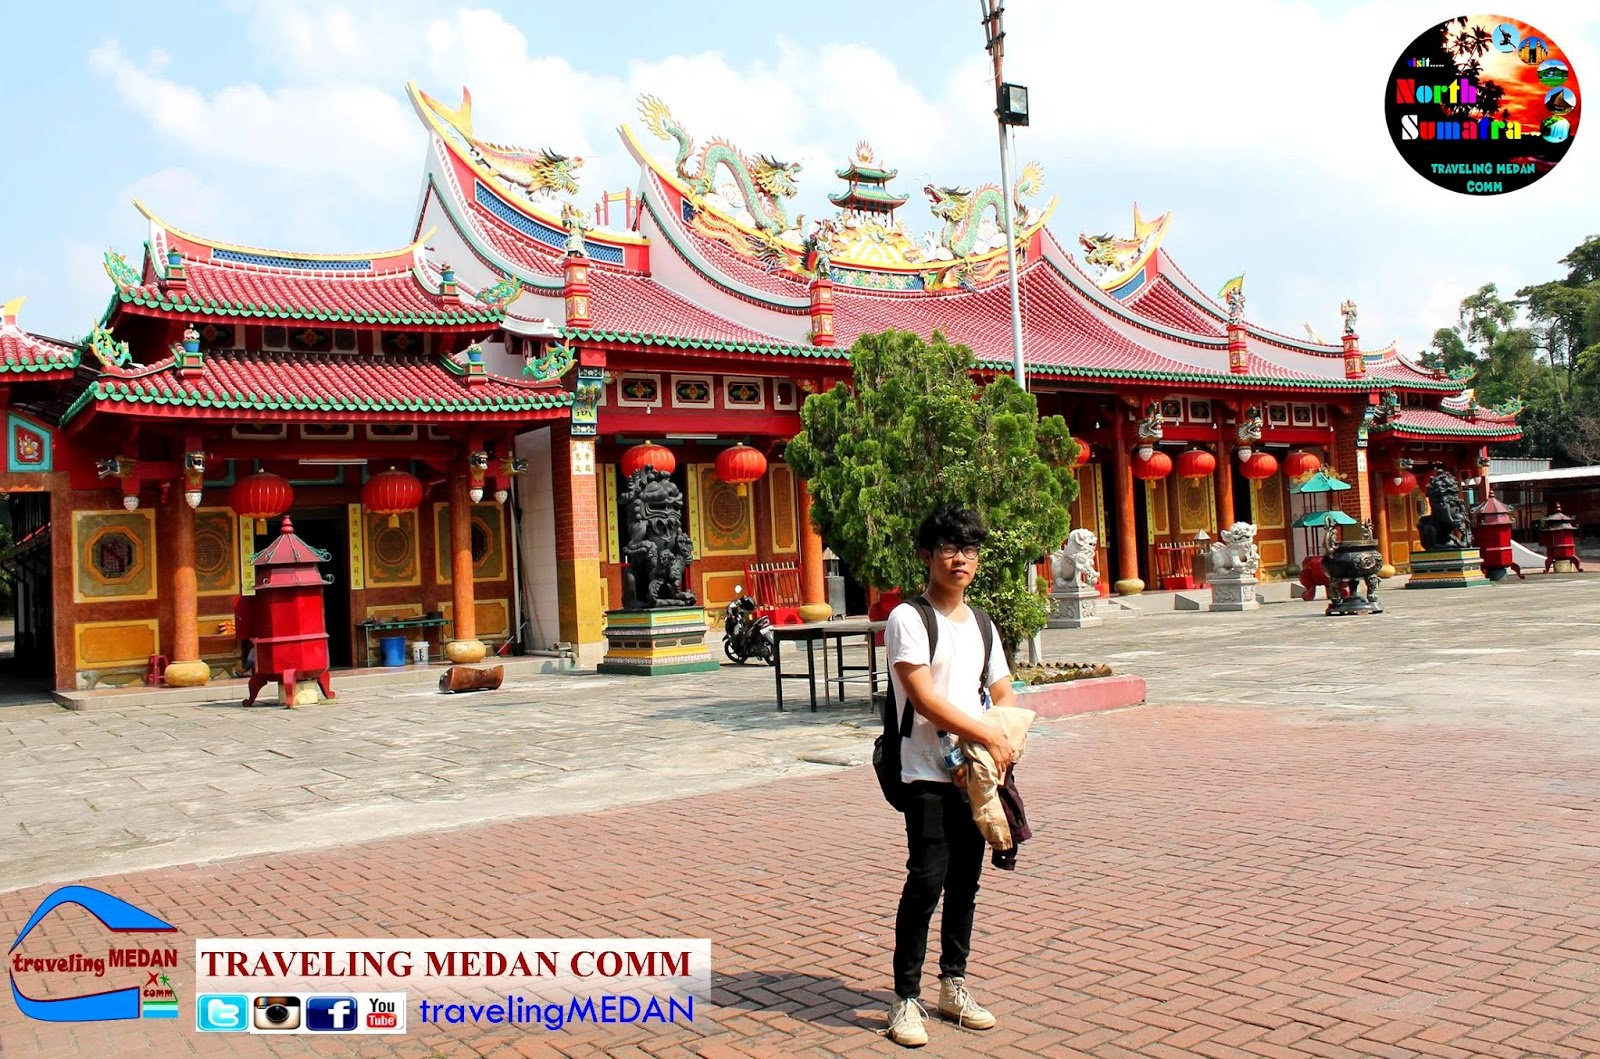 Tempat Wisata Religi di Kota Medan | Traveling Medan Comm